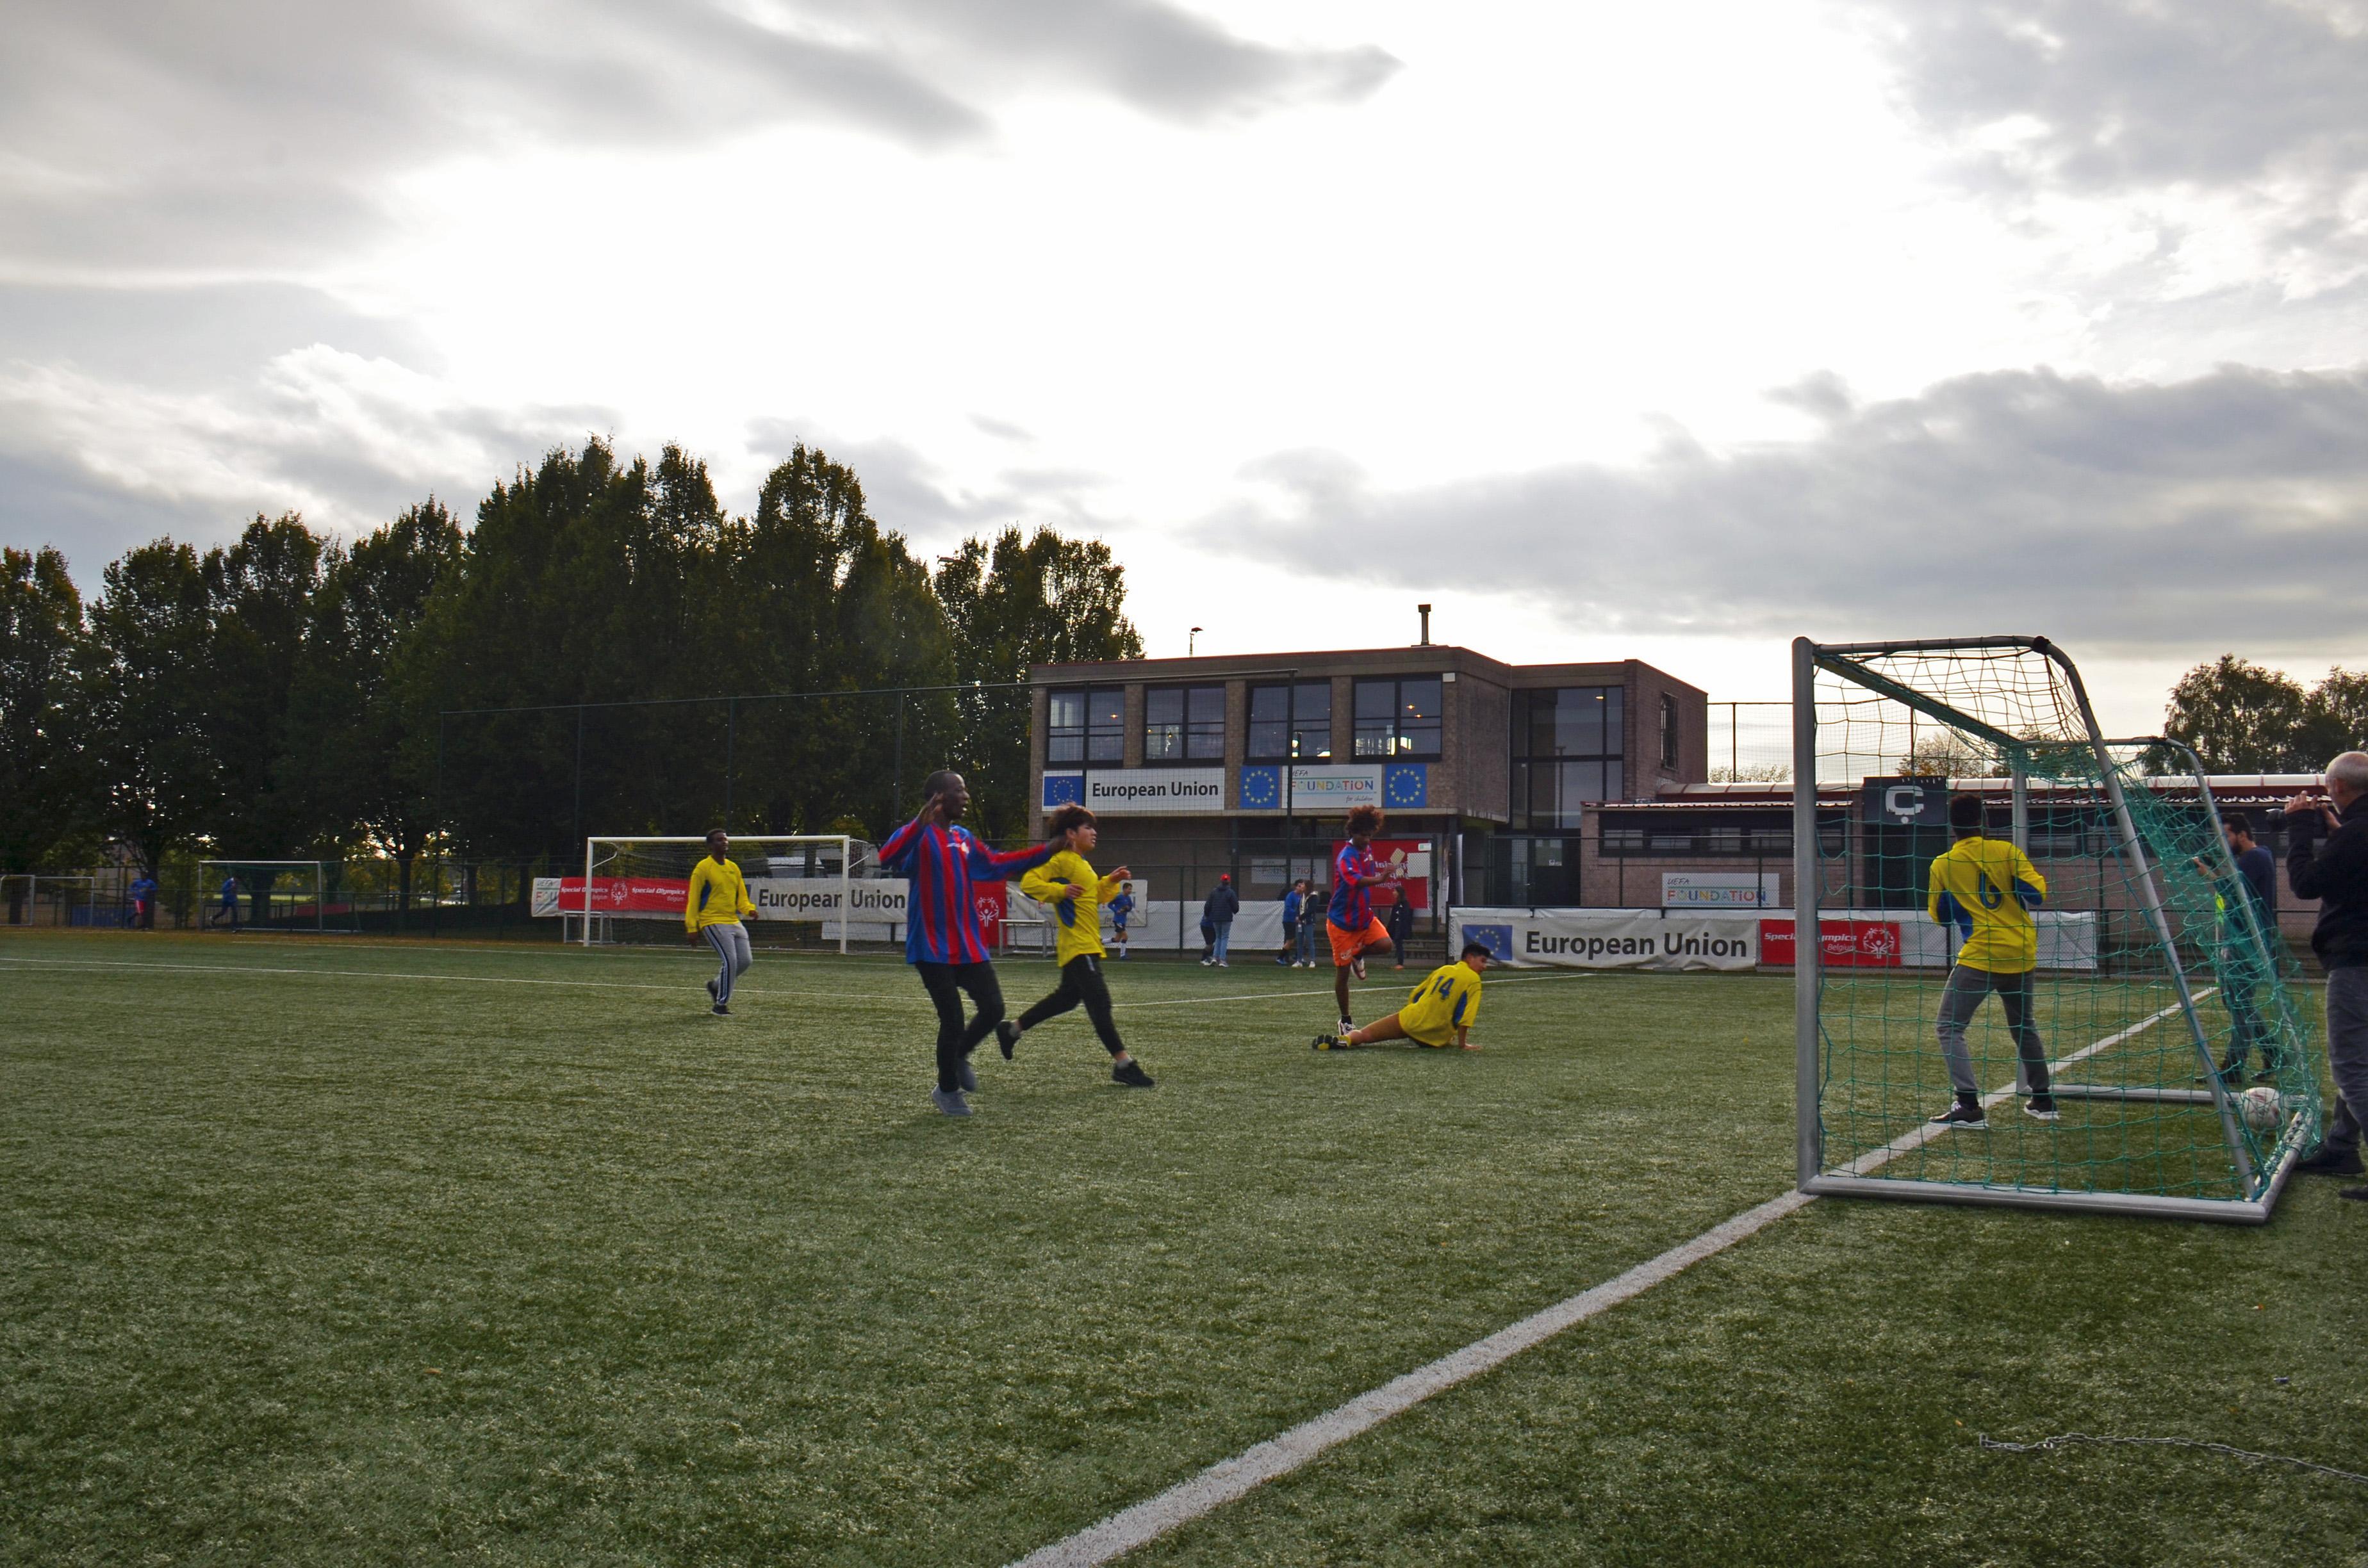 FOTO. Vluchtelingen en Special Olympics-atleten spelen een voetbalmatch voor meer inclusie